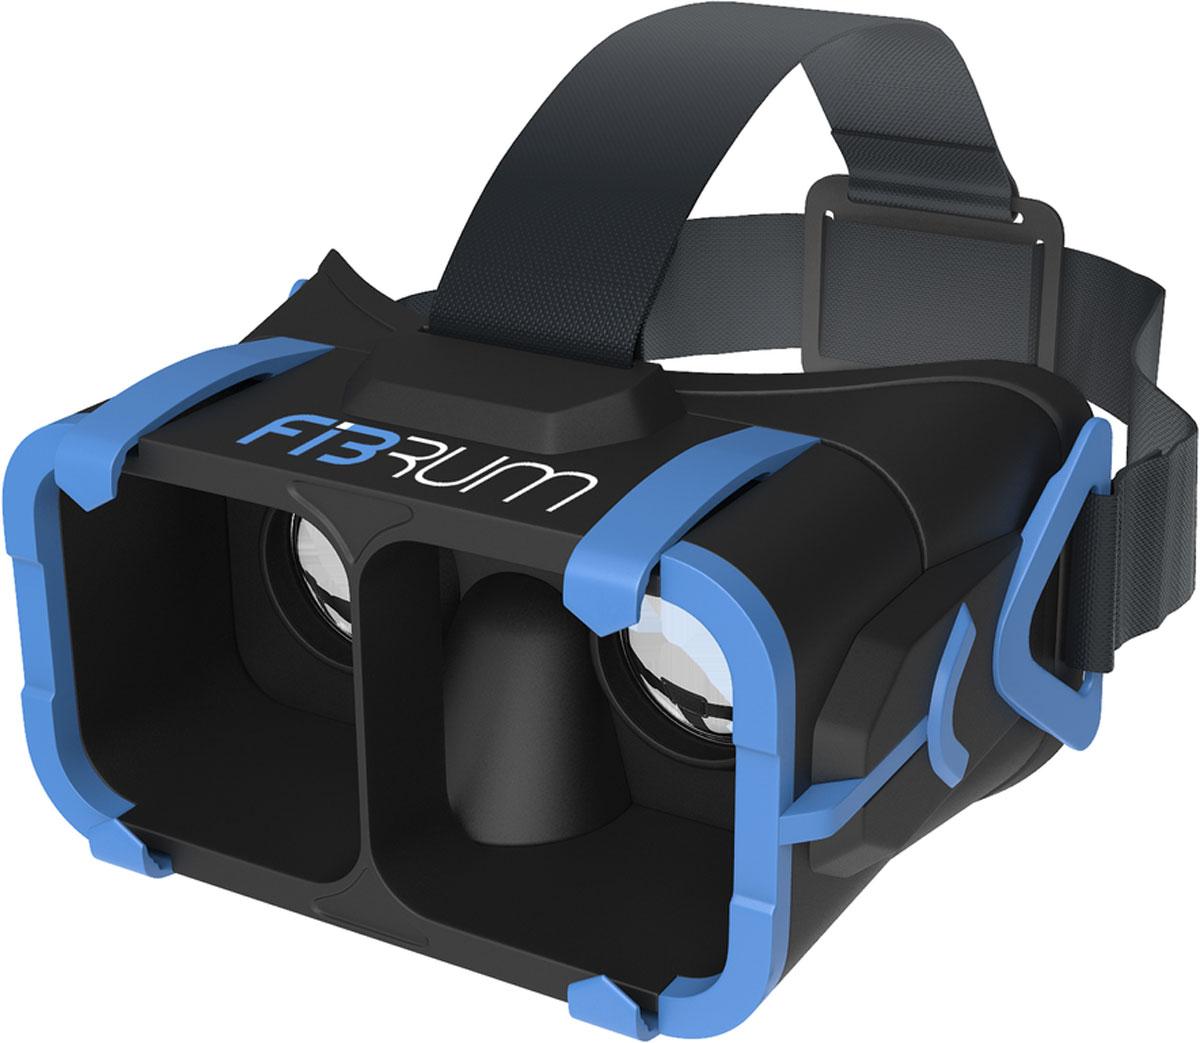 Fibrum Pro шлем виртуальной реальностиFIBRUM_PROFibrum Pro - шлем виртуальной реальности, позволяющий вам с максимальным комфортом погрузиться в другиемиры и испытать новые эмоции. Fibrum - первая и единственная компания в мире, предлагающая комплексноерешение в сфере VR: вместе со шлемом пользователи получают все доступные приложения и новинки Fibrumабсолютно бесплатно в течение года. Добро пожаловать в будущее!Год бесплатных развлечений:Каждый покупатель шлема получает бесплатный годовой доступ ко всем приложениям Fibrum. По истеченииодного года вы получаете бессрочную скидку в 20% на все последующие покупки.Универсальный:Шлем совместим с большинством смартфонов с диагональю от 4 до 6 дюймов на любой из популярныхоперационных систем (iOS, Android, Windows Phone).ультралегкий:Современные материалы: высококачественный пластик и гиппоалергенный силикон, позволили сделать VR- шлем Fibrum самым легким среди аналогов. Высококачественные стеклянные линзы:Созданы для моментального и полного погружения в мир виртуальной реальности.Широкий угол обзора: Взгляни за пределы возможного с углом обзора 110°. Эргономический дизайн:Оптимальное расстояние между линзами не требует дополнительных приспособлений для настройки резкости.Система фиксирующих ремней разработана для наиболее комфортной эксплуатации без нагрузок на шею ипозвоночник.